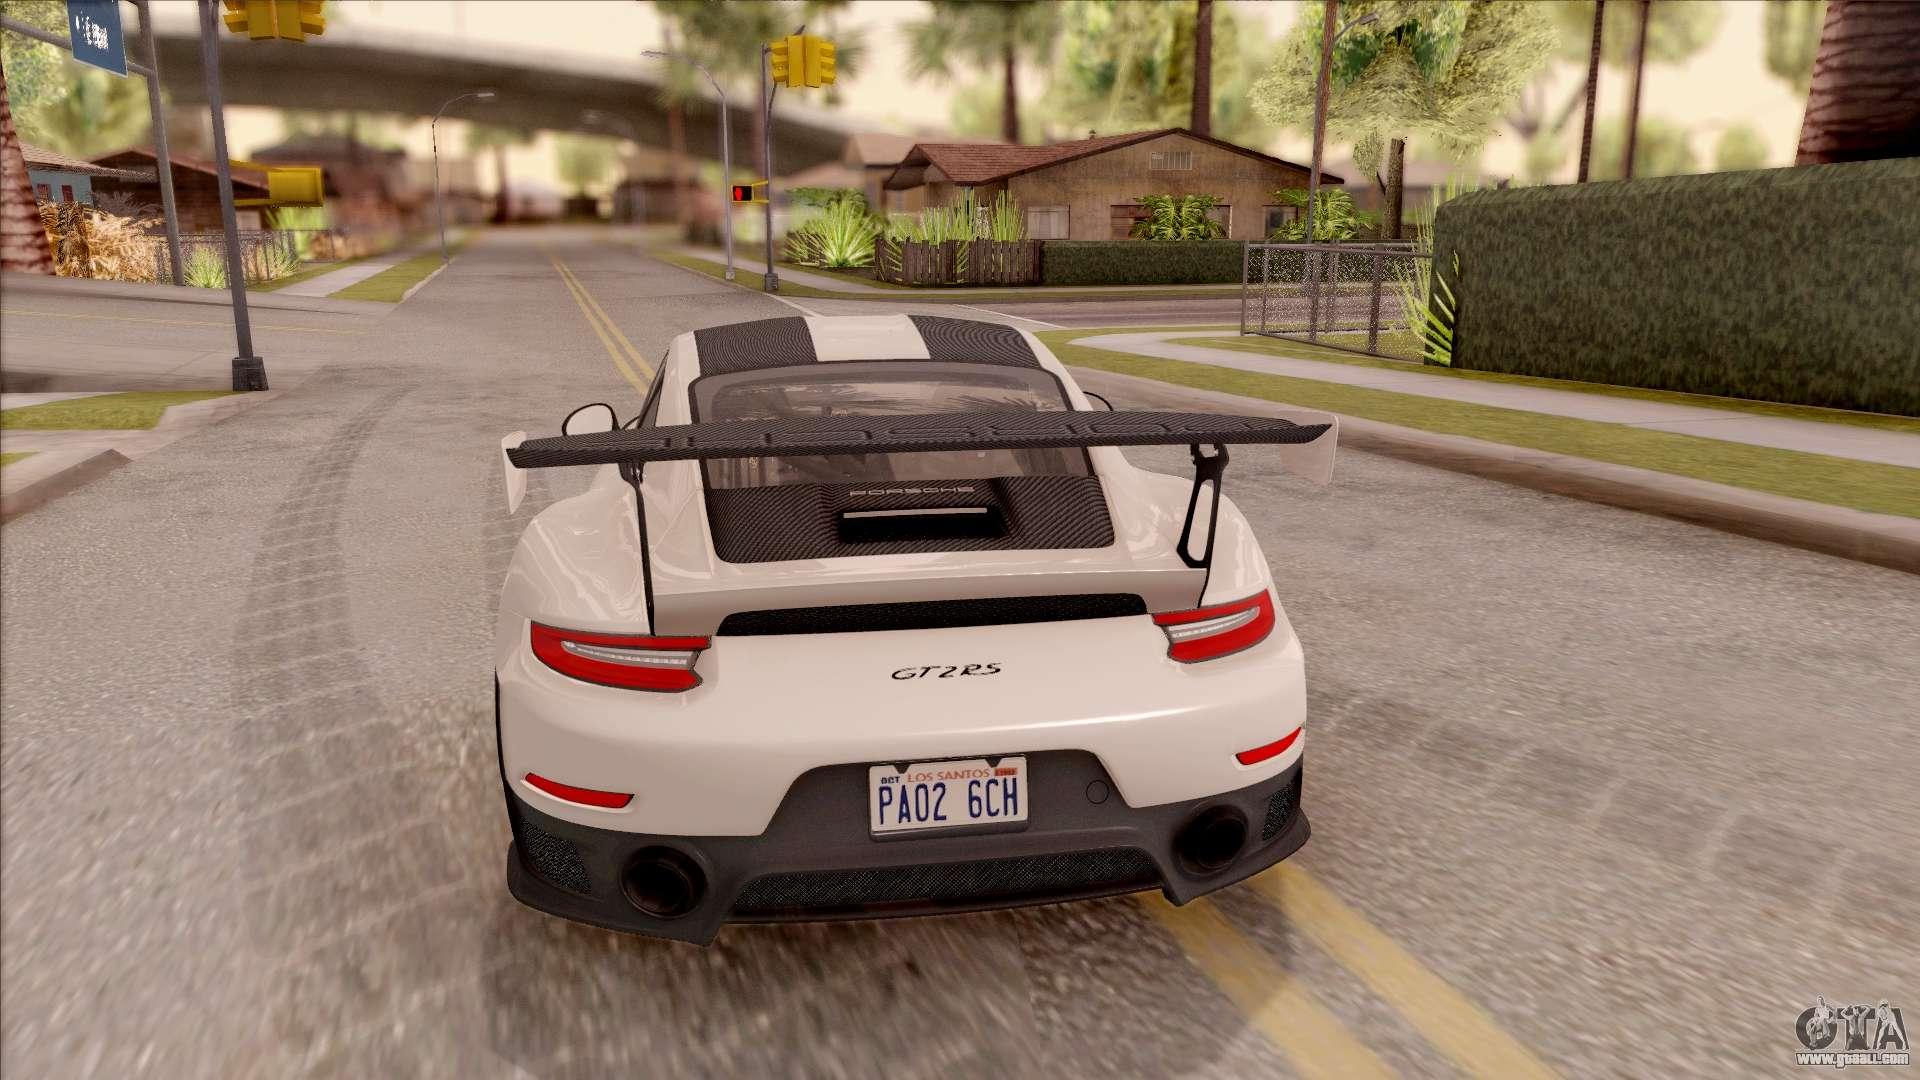 418335-enb2017-7-10-5-26-3 Remarkable Porsche 911 Gt2 Xbox 360 Cars Trend